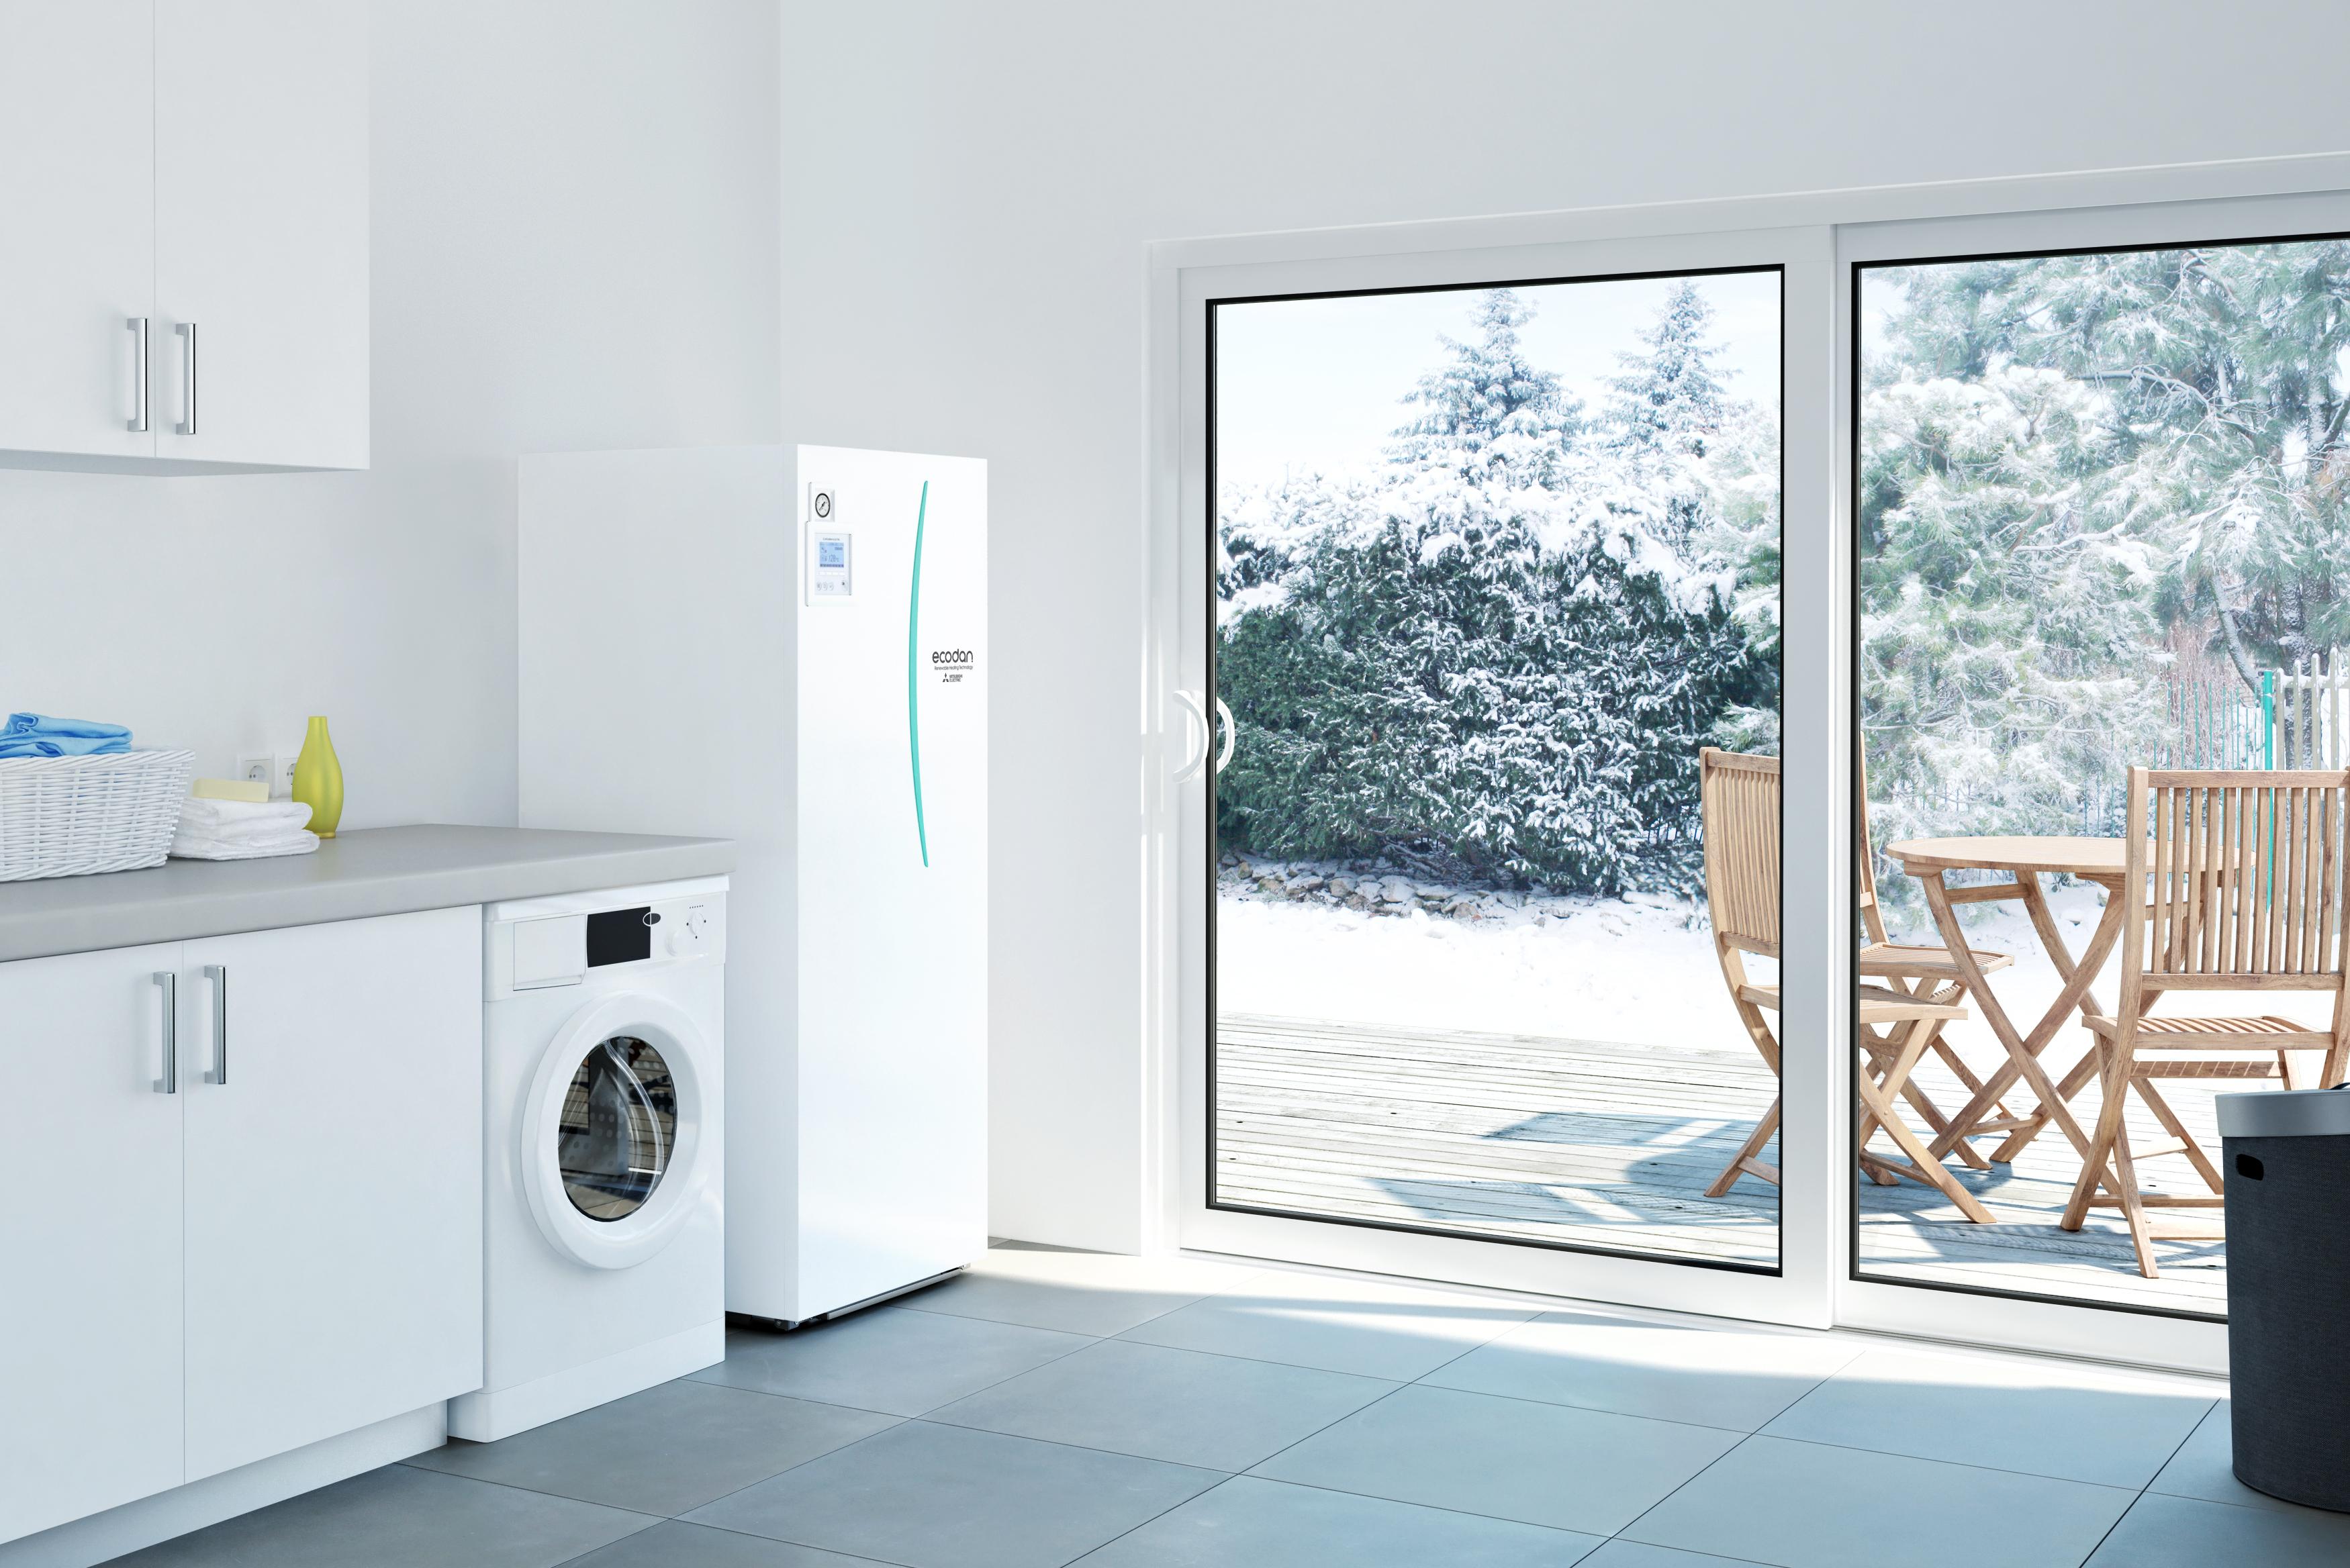 Taupykite su naująja Ecodan Next Generation oras-vanduo šildymo sistema!